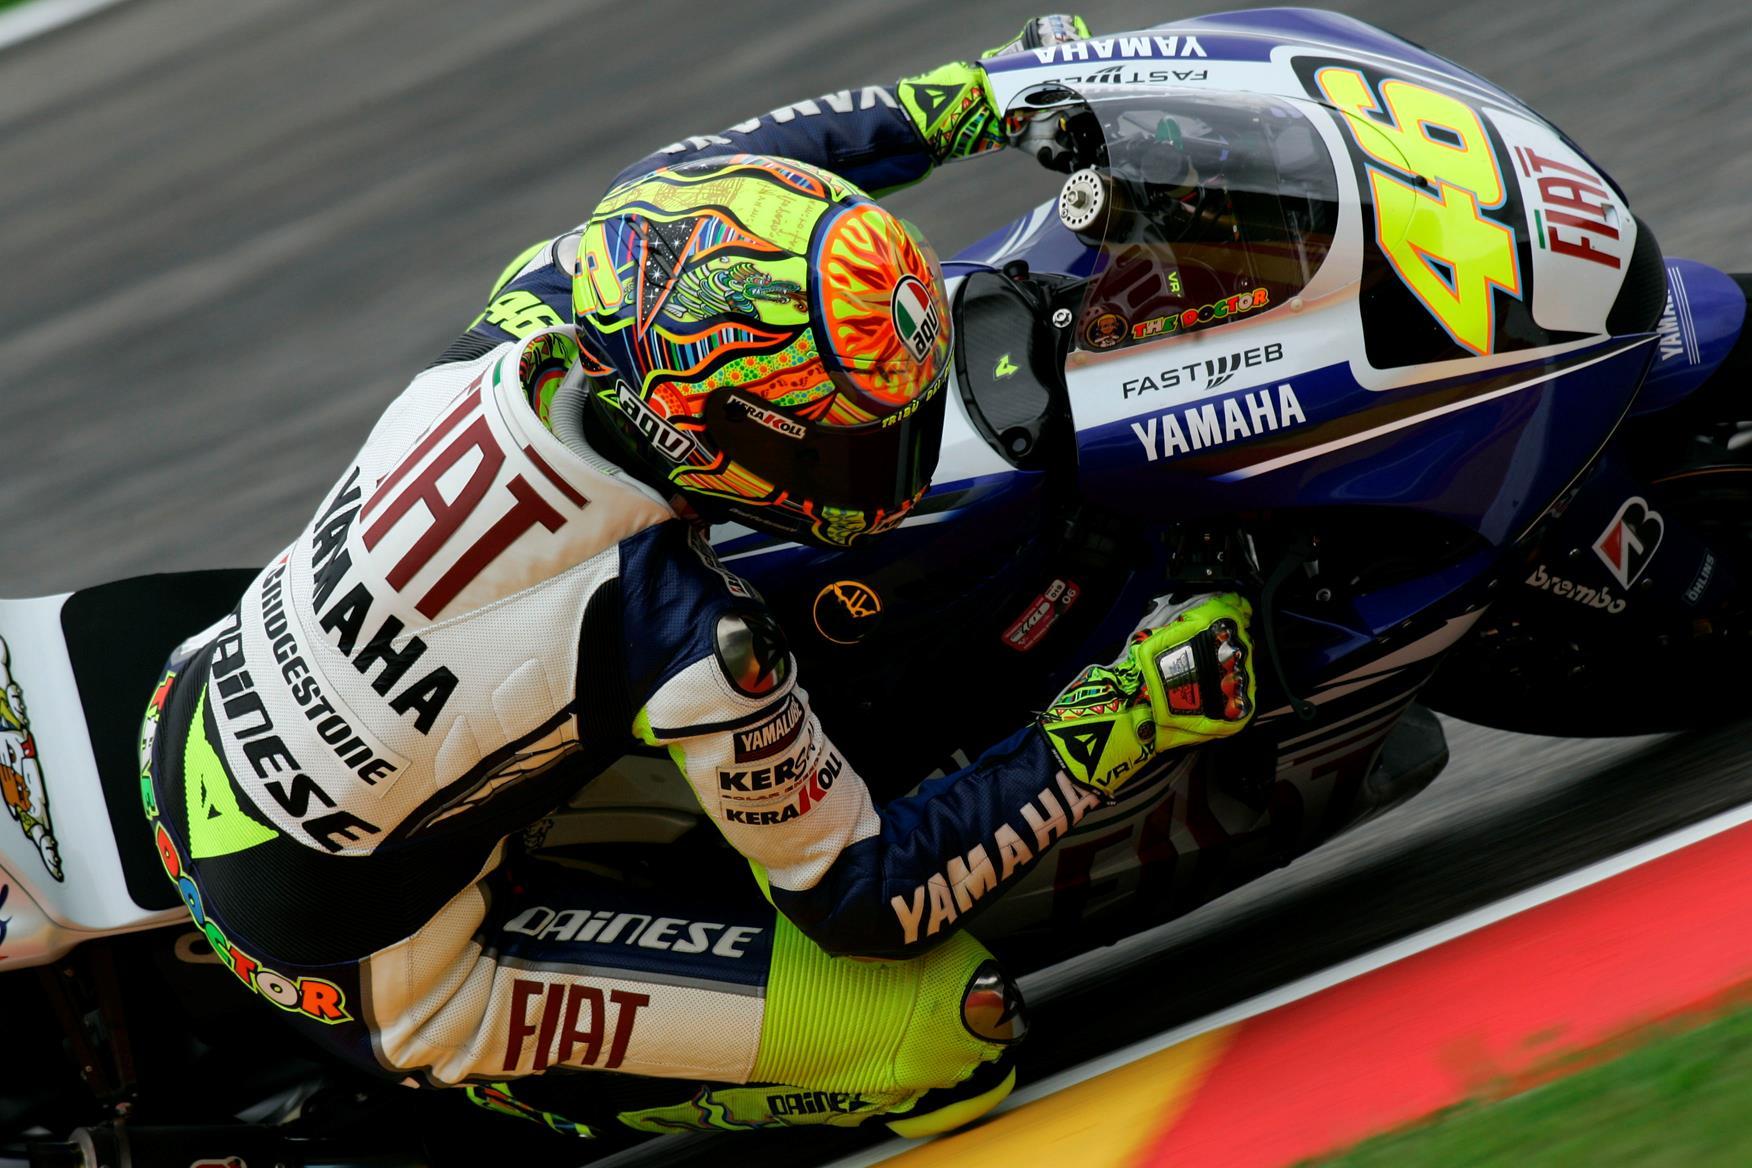 Italian MotoGP: Valentino Rossi smashes Mugello lap record and takes pole | MCN